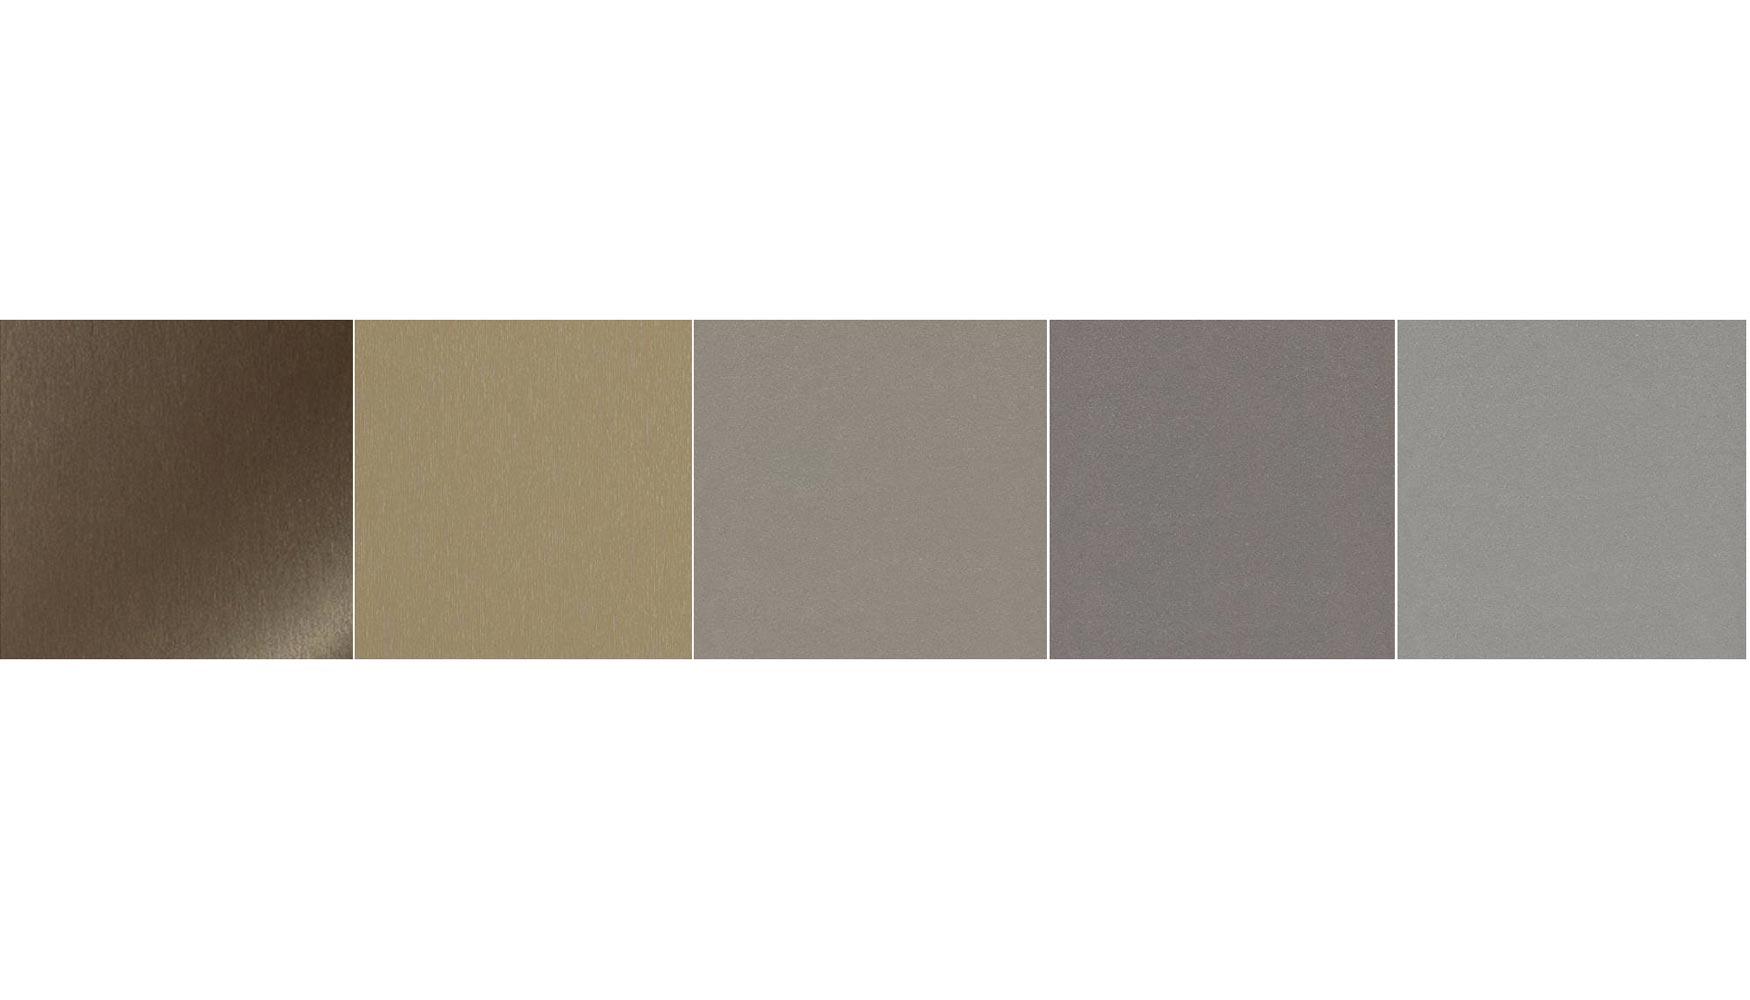 Rehau lanza una nueva gama de colores para ventanas for Ventanas de aluminio color bronce